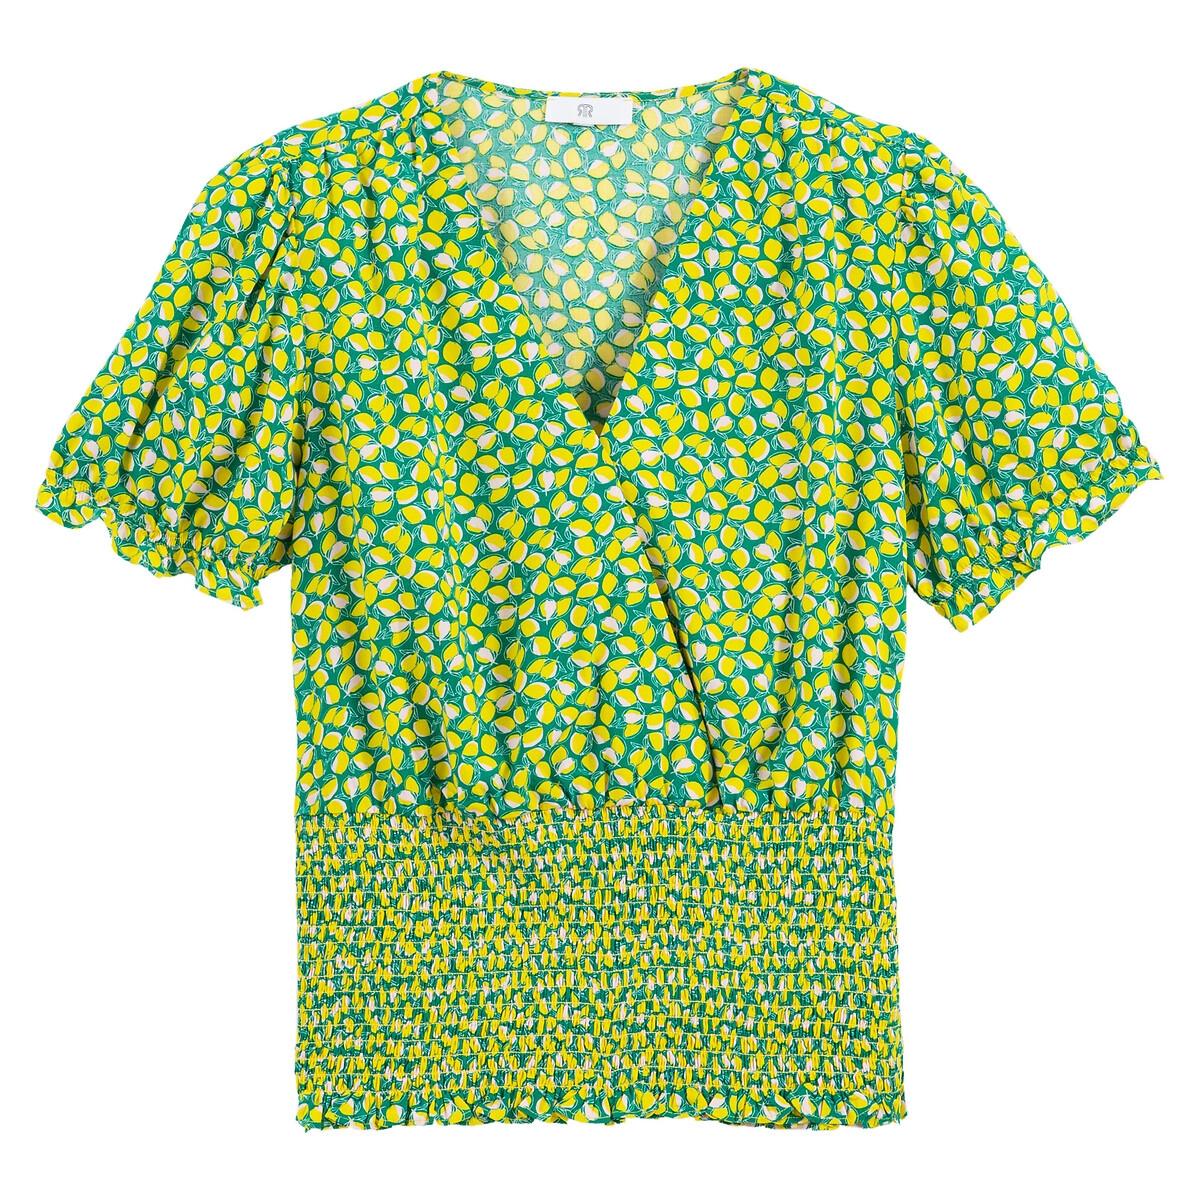 Blusa con efecto cruzado estampada, bajo con smocks